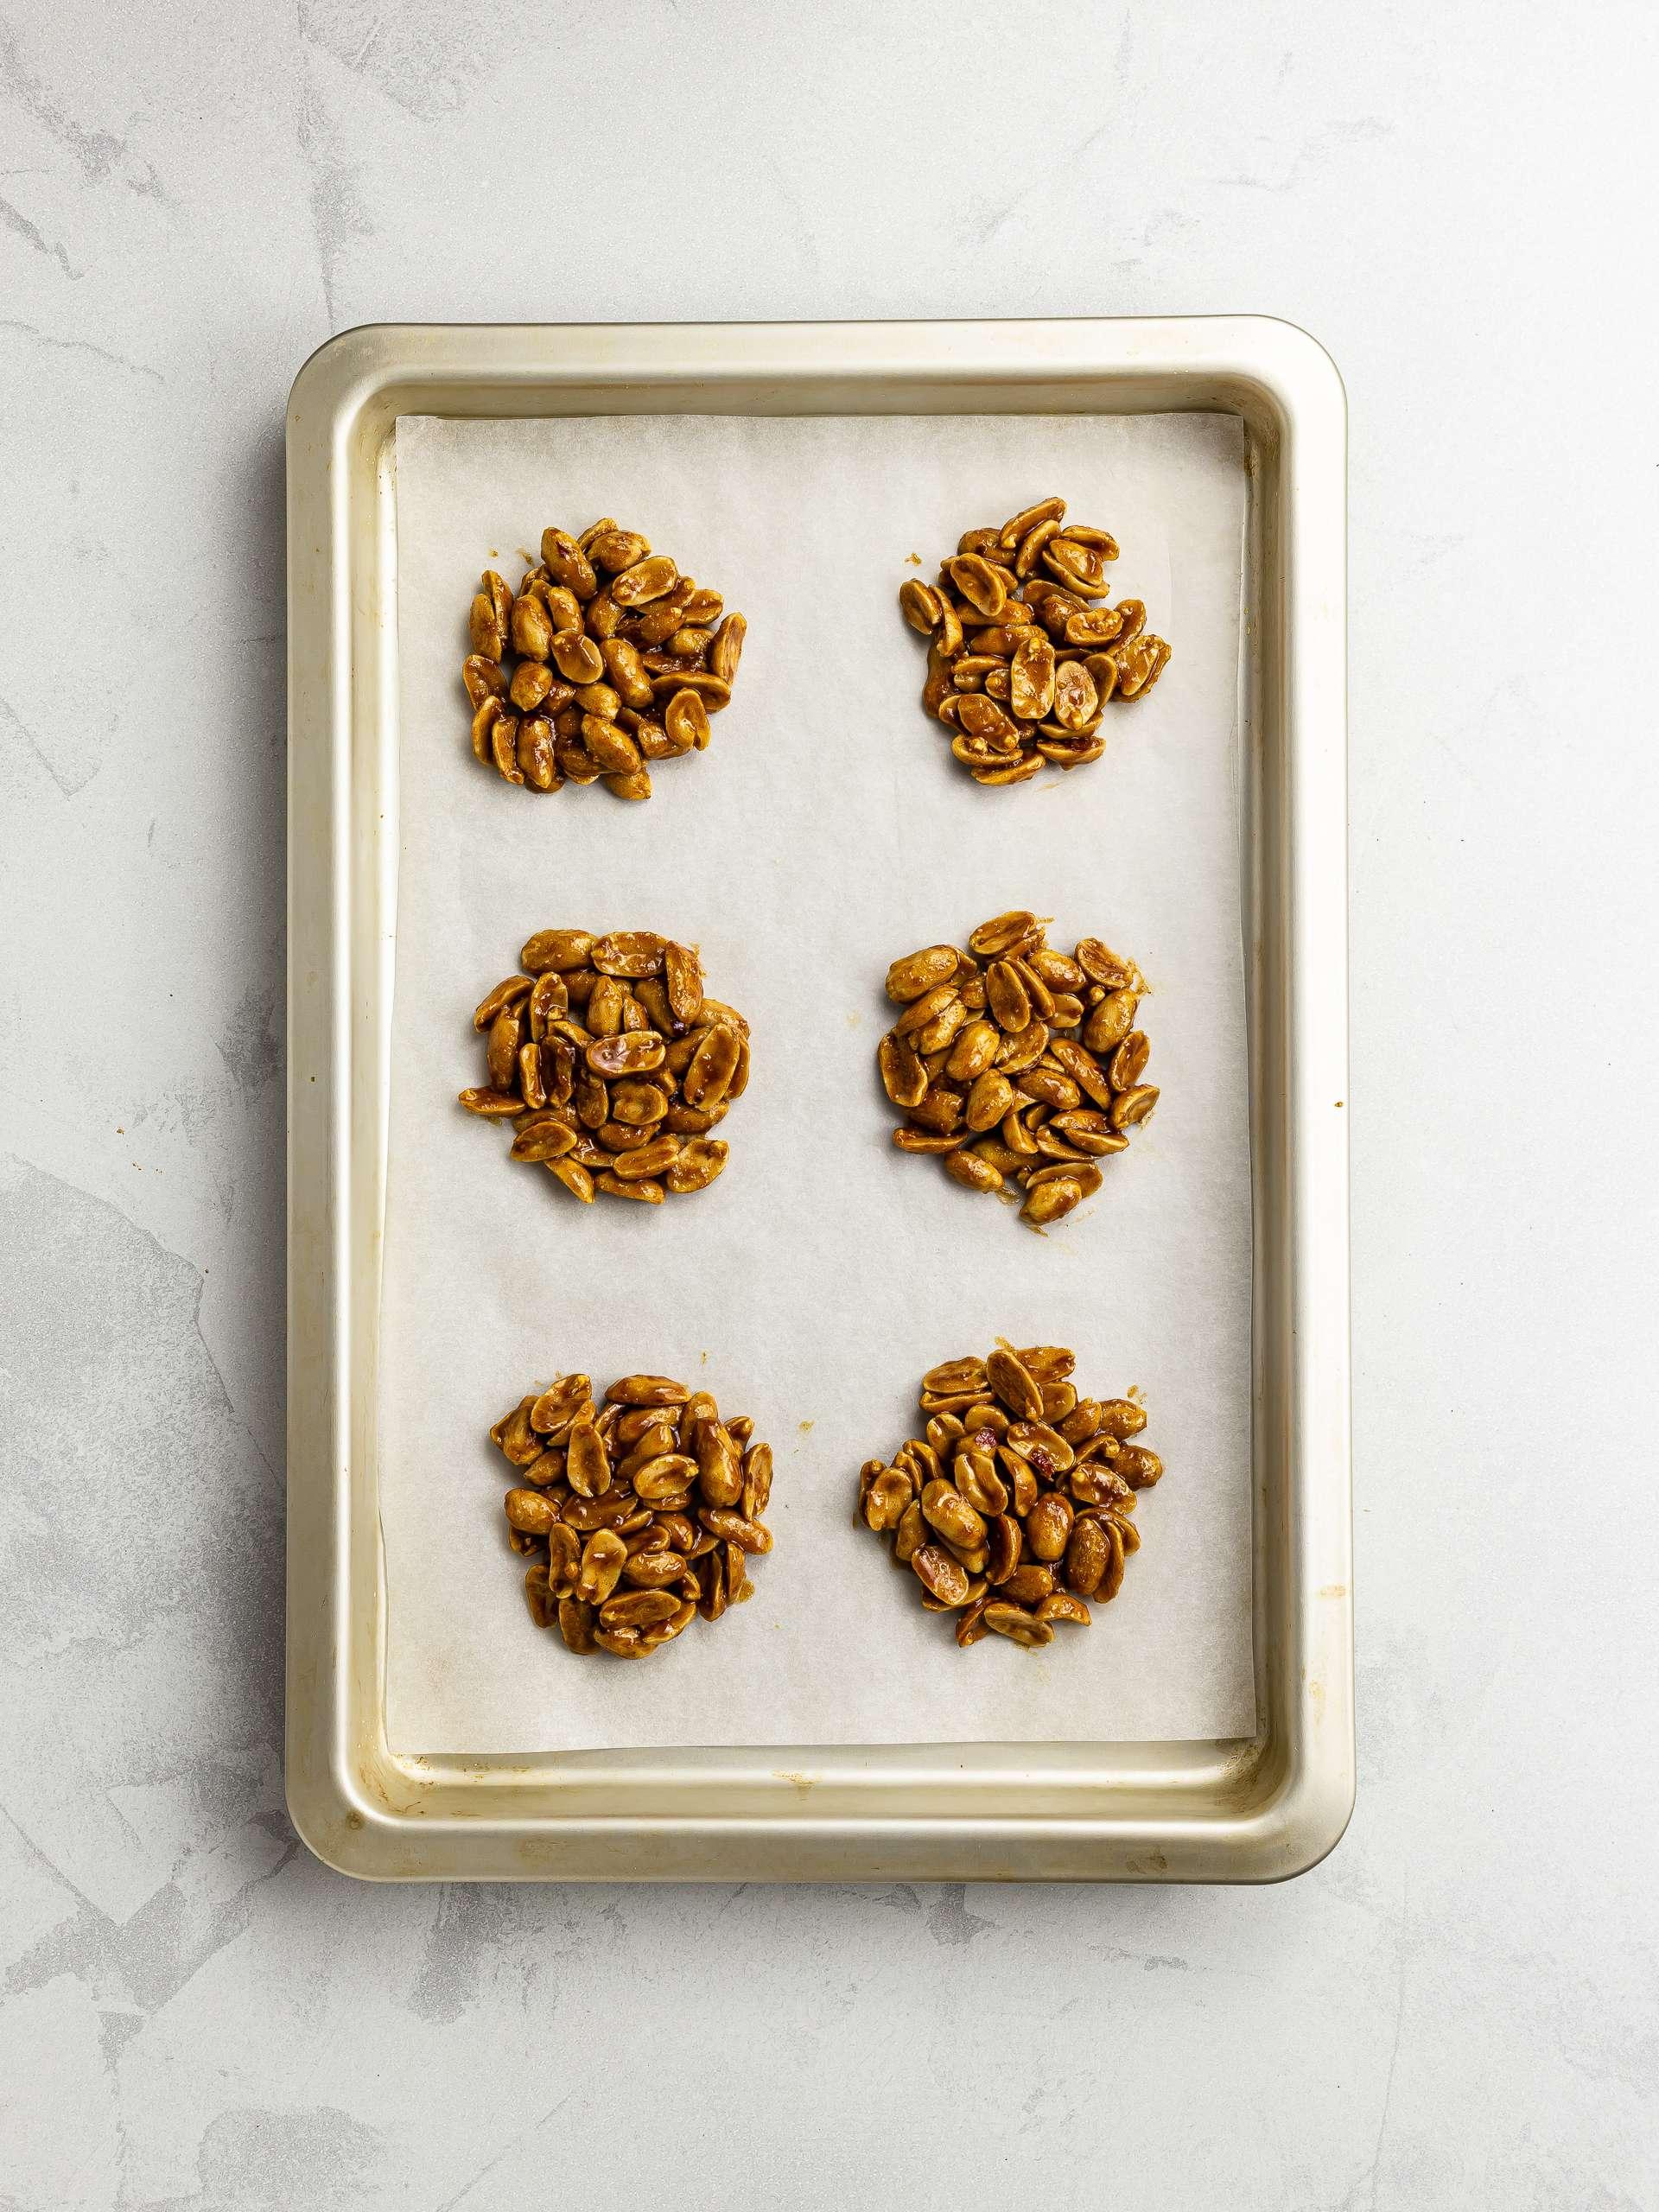 peanut drops on a baking tray